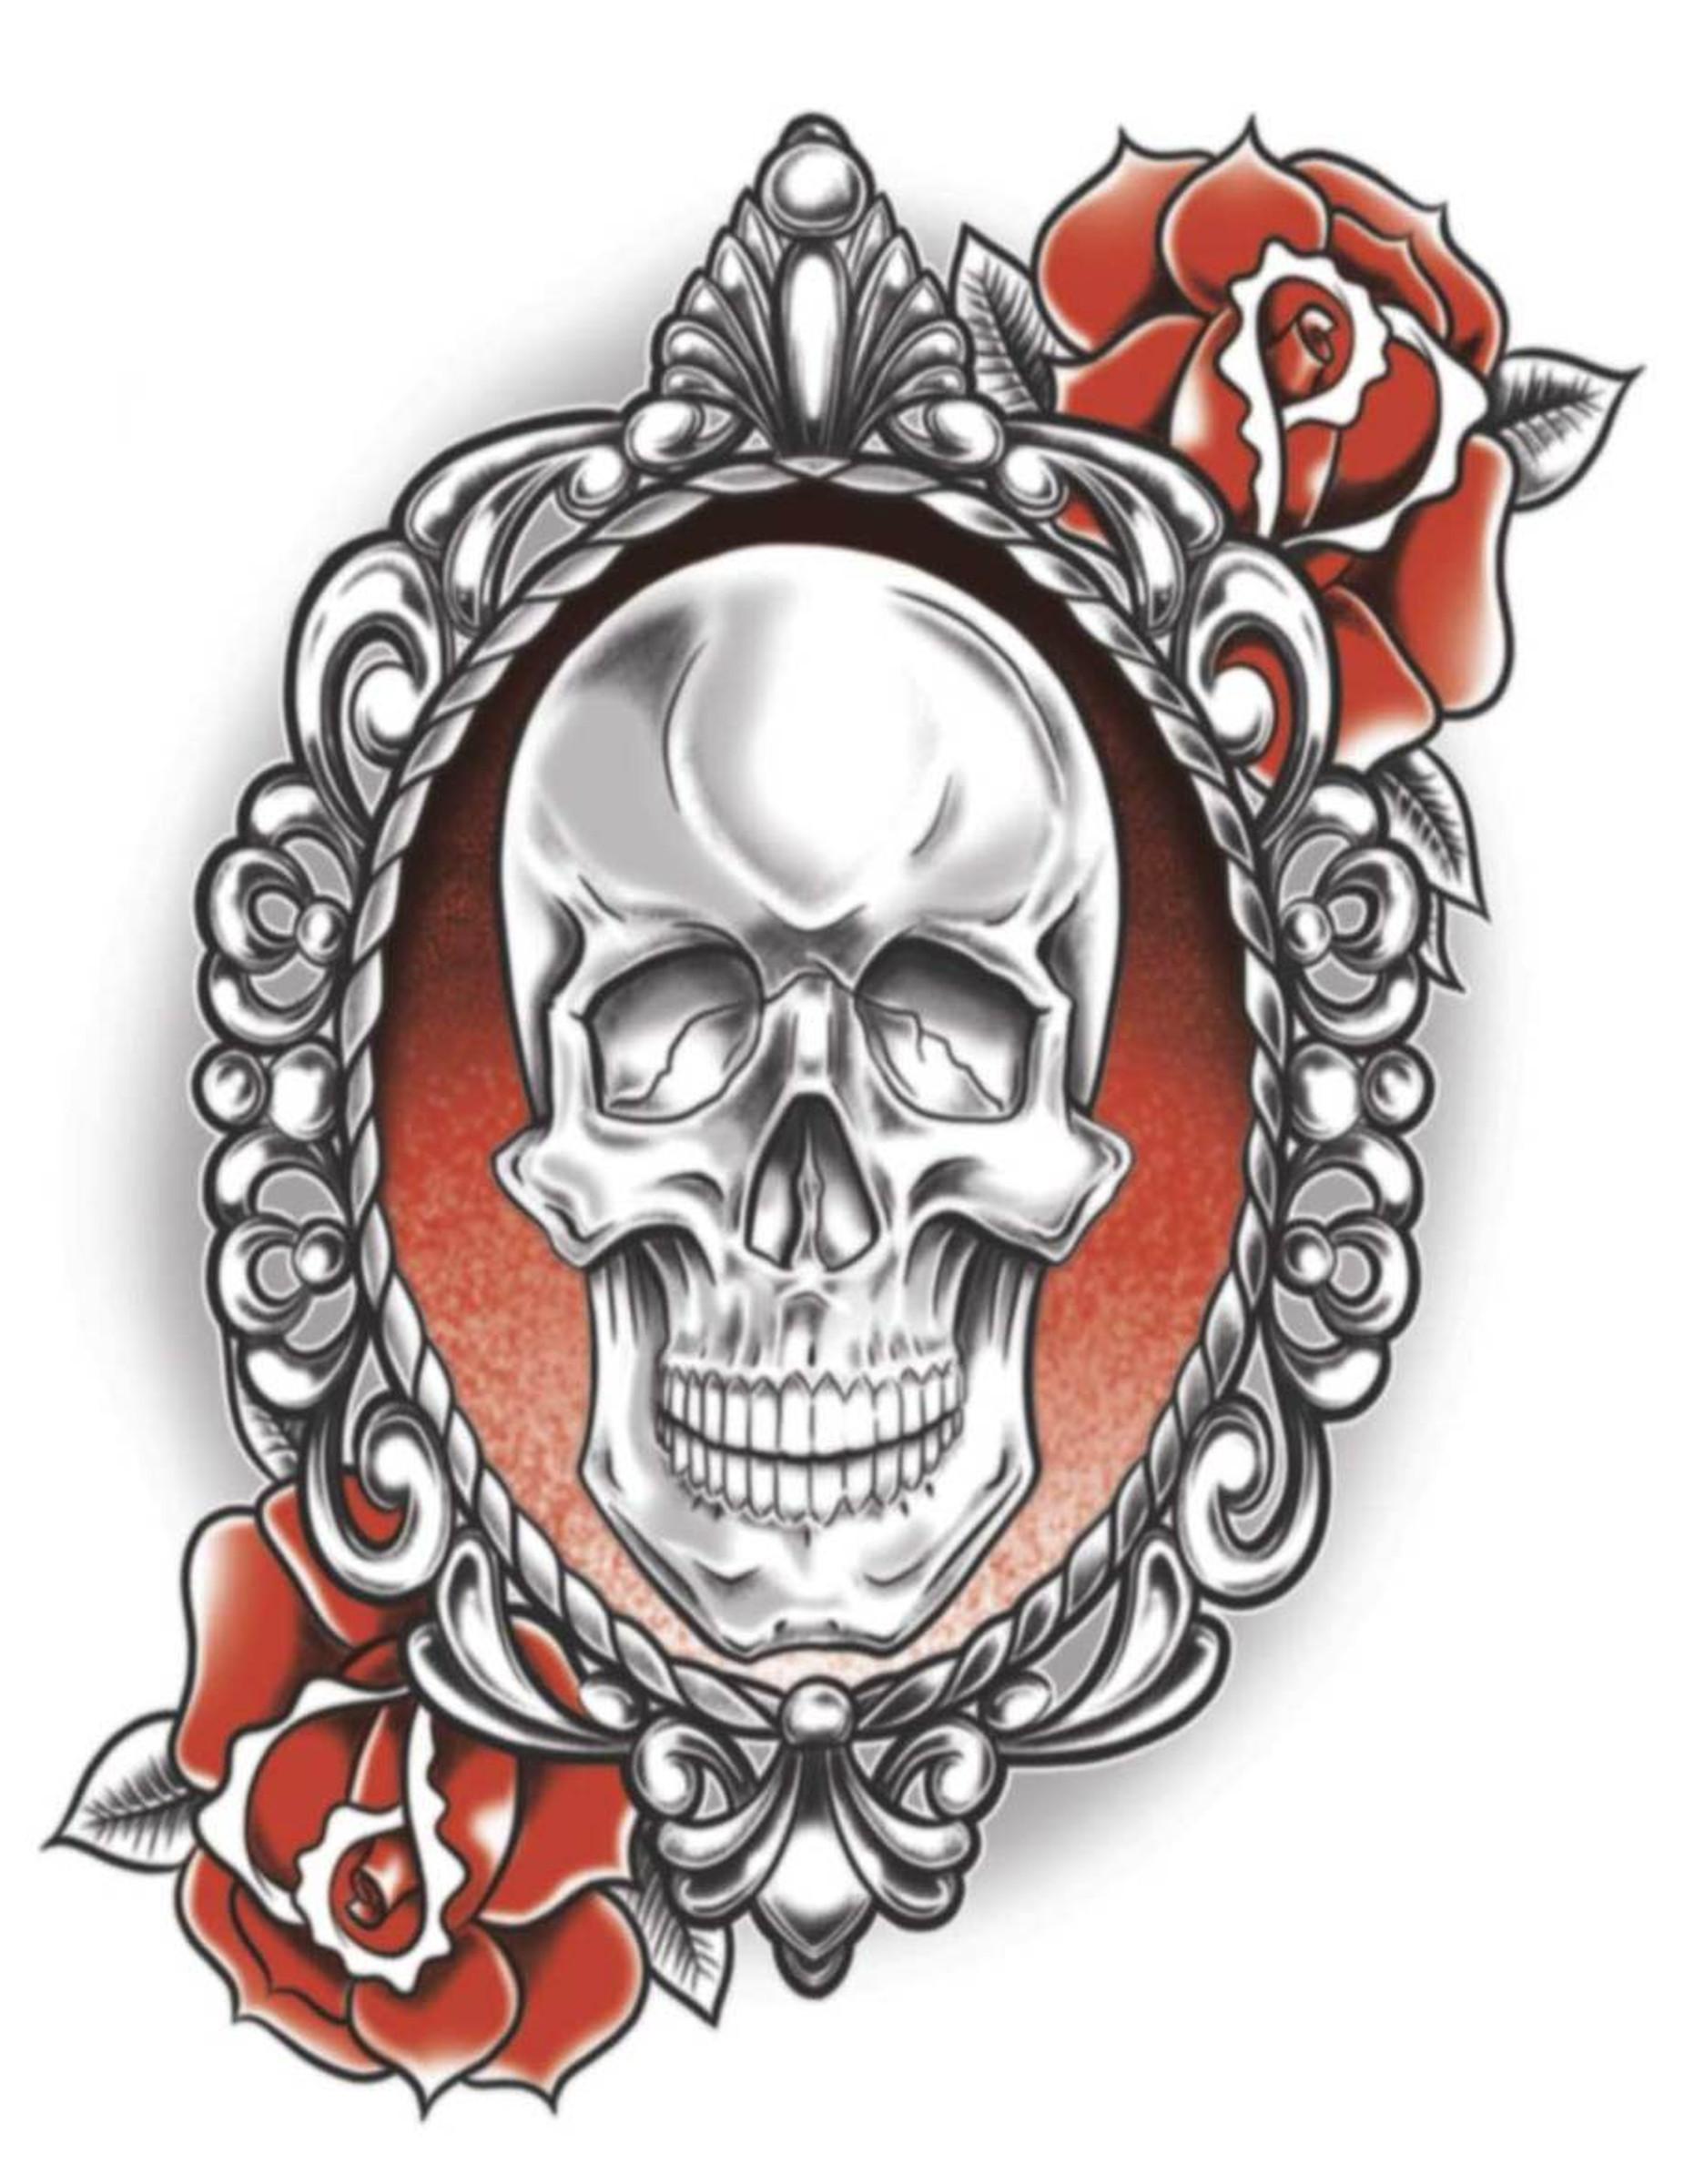 modisches abzieh tattoo skelett und rosen rot wei schwarz schminke und g nstige. Black Bedroom Furniture Sets. Home Design Ideas